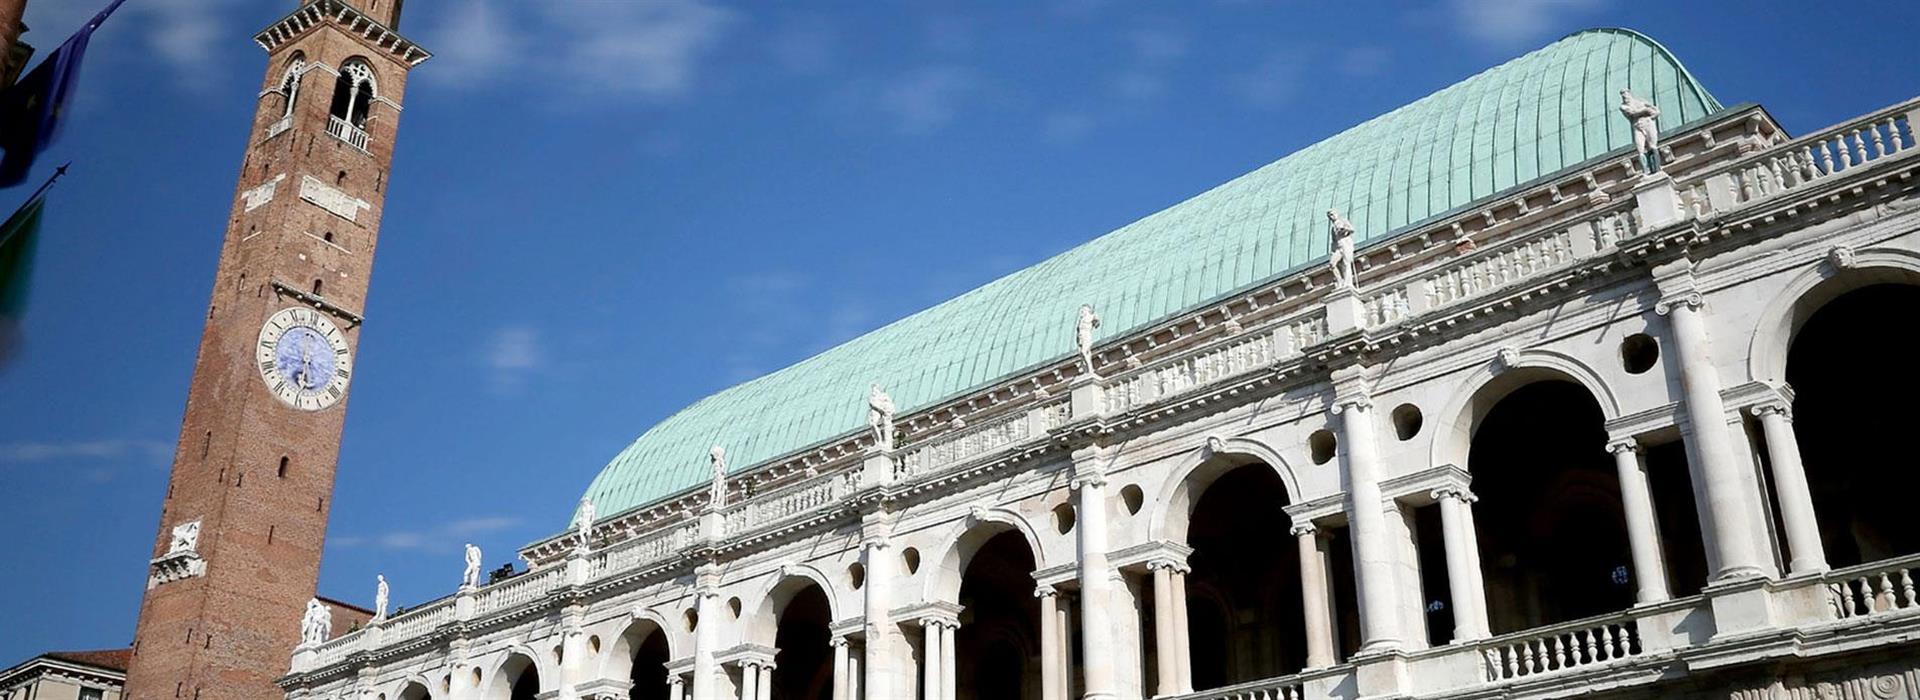 NUOVE TECNOLOGIE<br>INNOVAZIONE E CONDIVISIONE<br>8-9 novembre 2019<br>ViCC Fiera di Vicenza